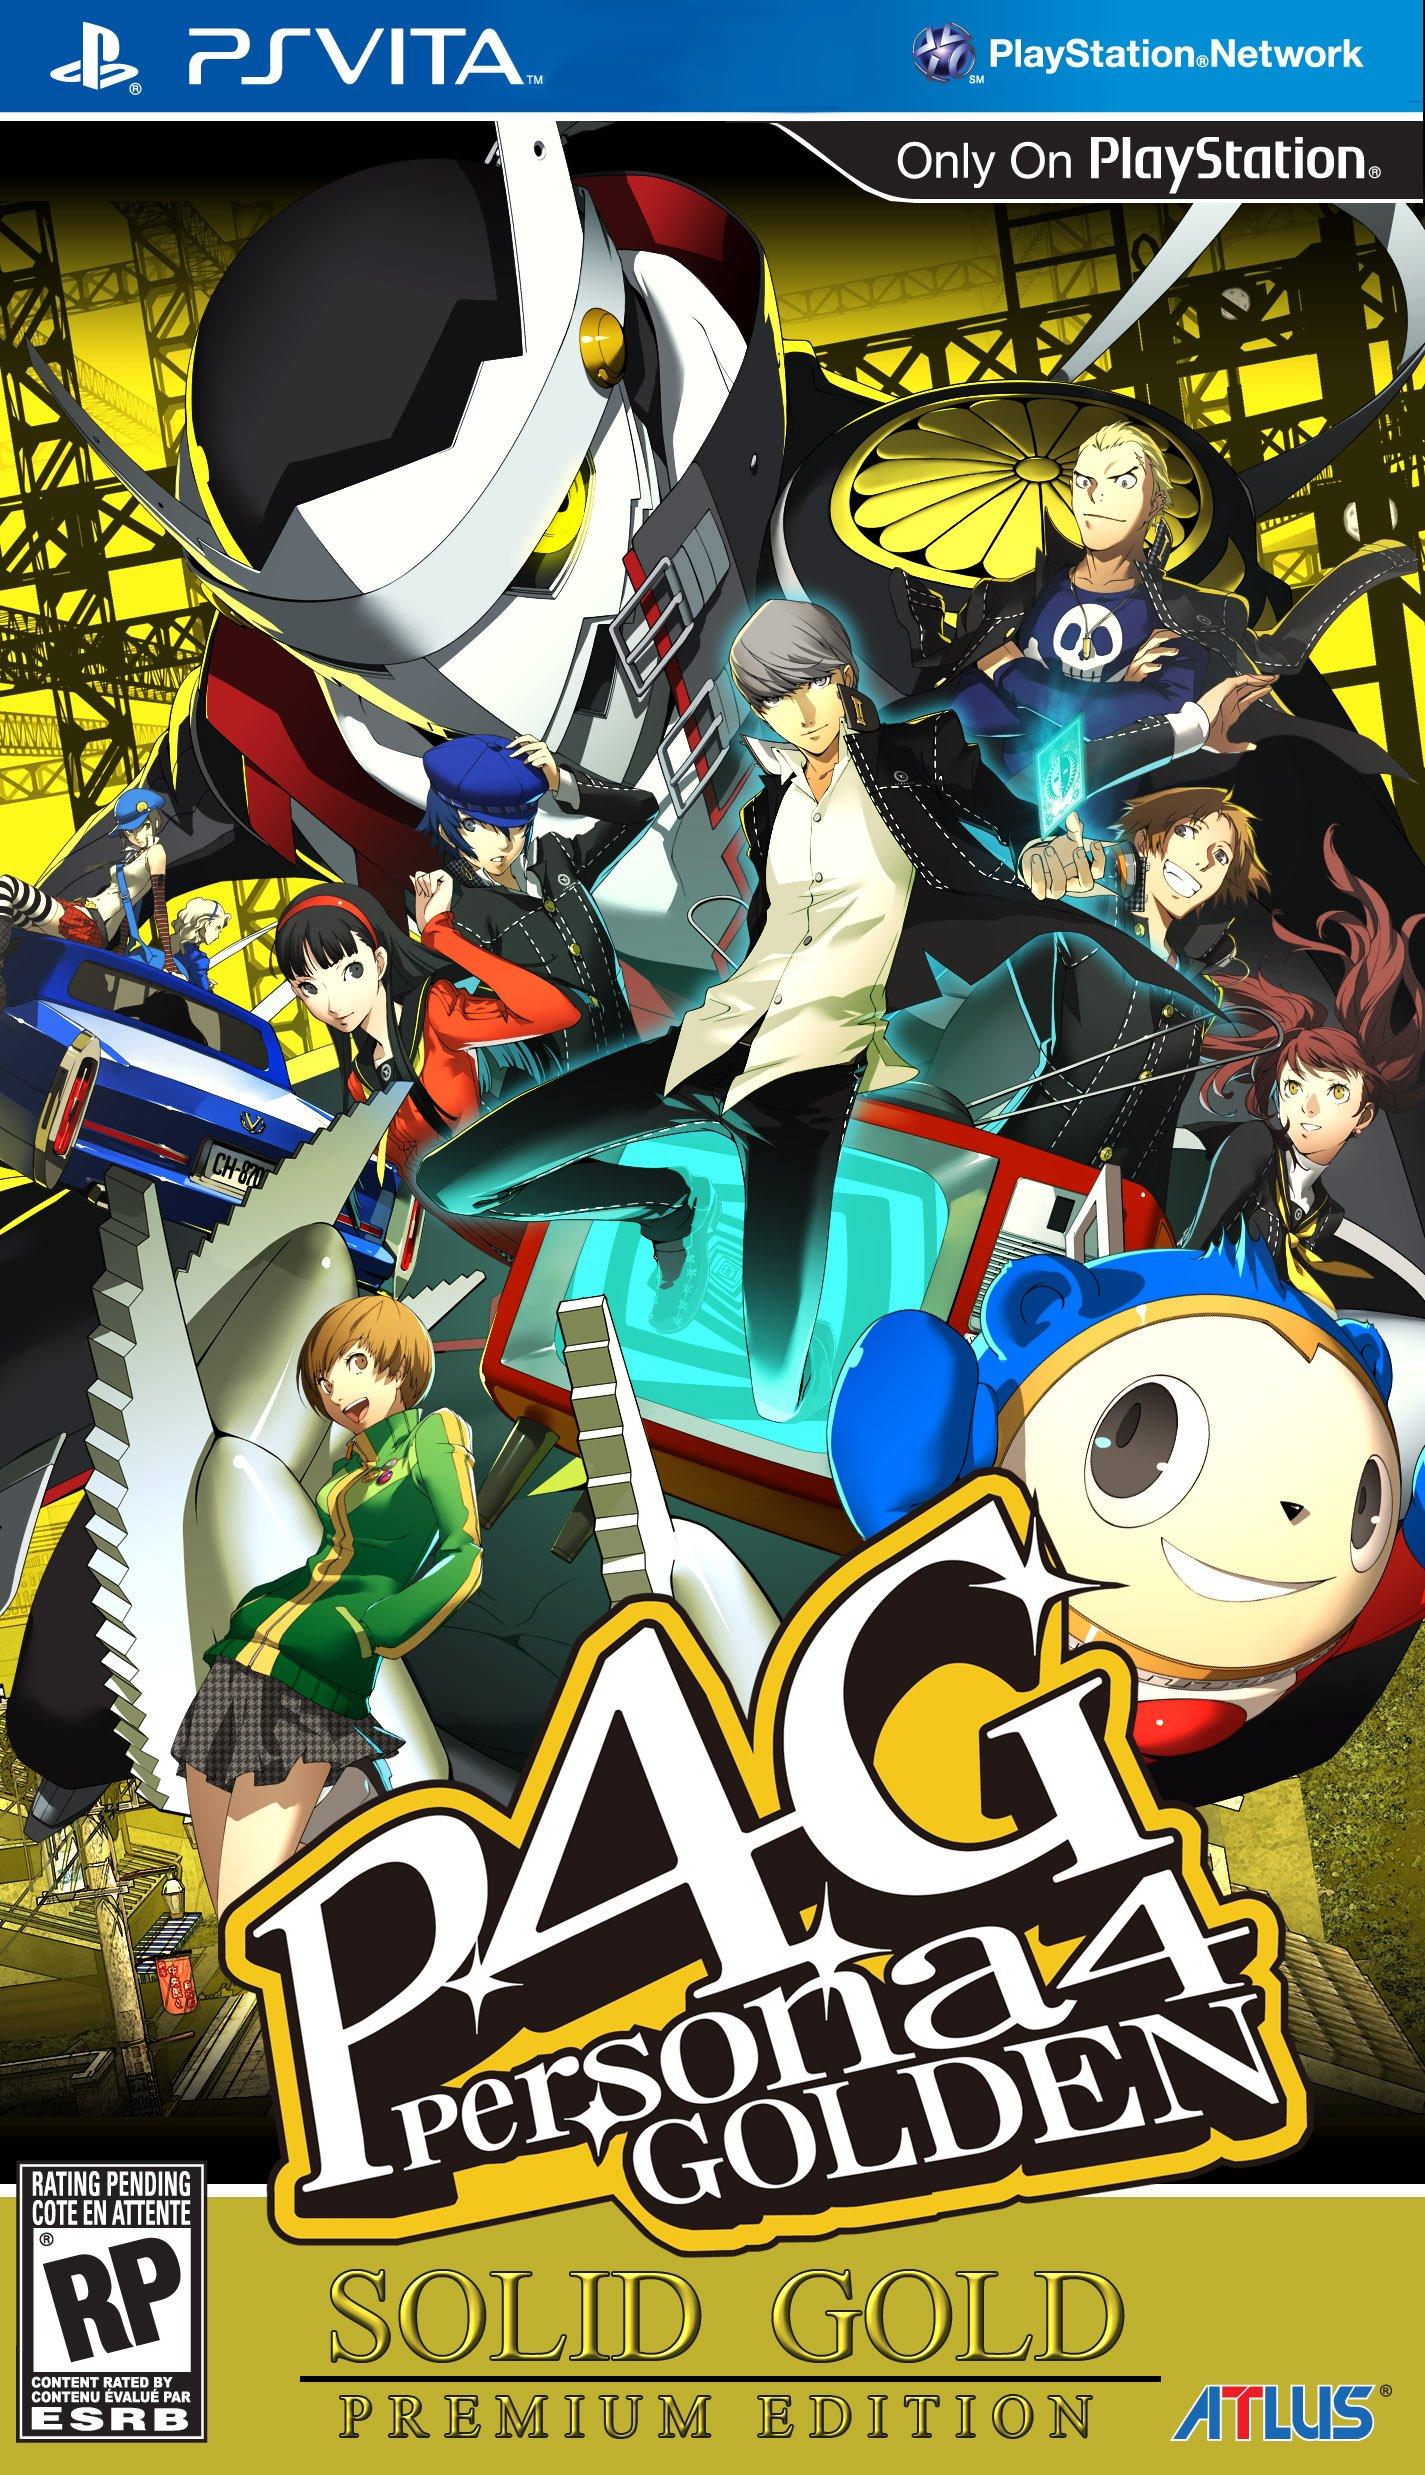 Persona 4 release date